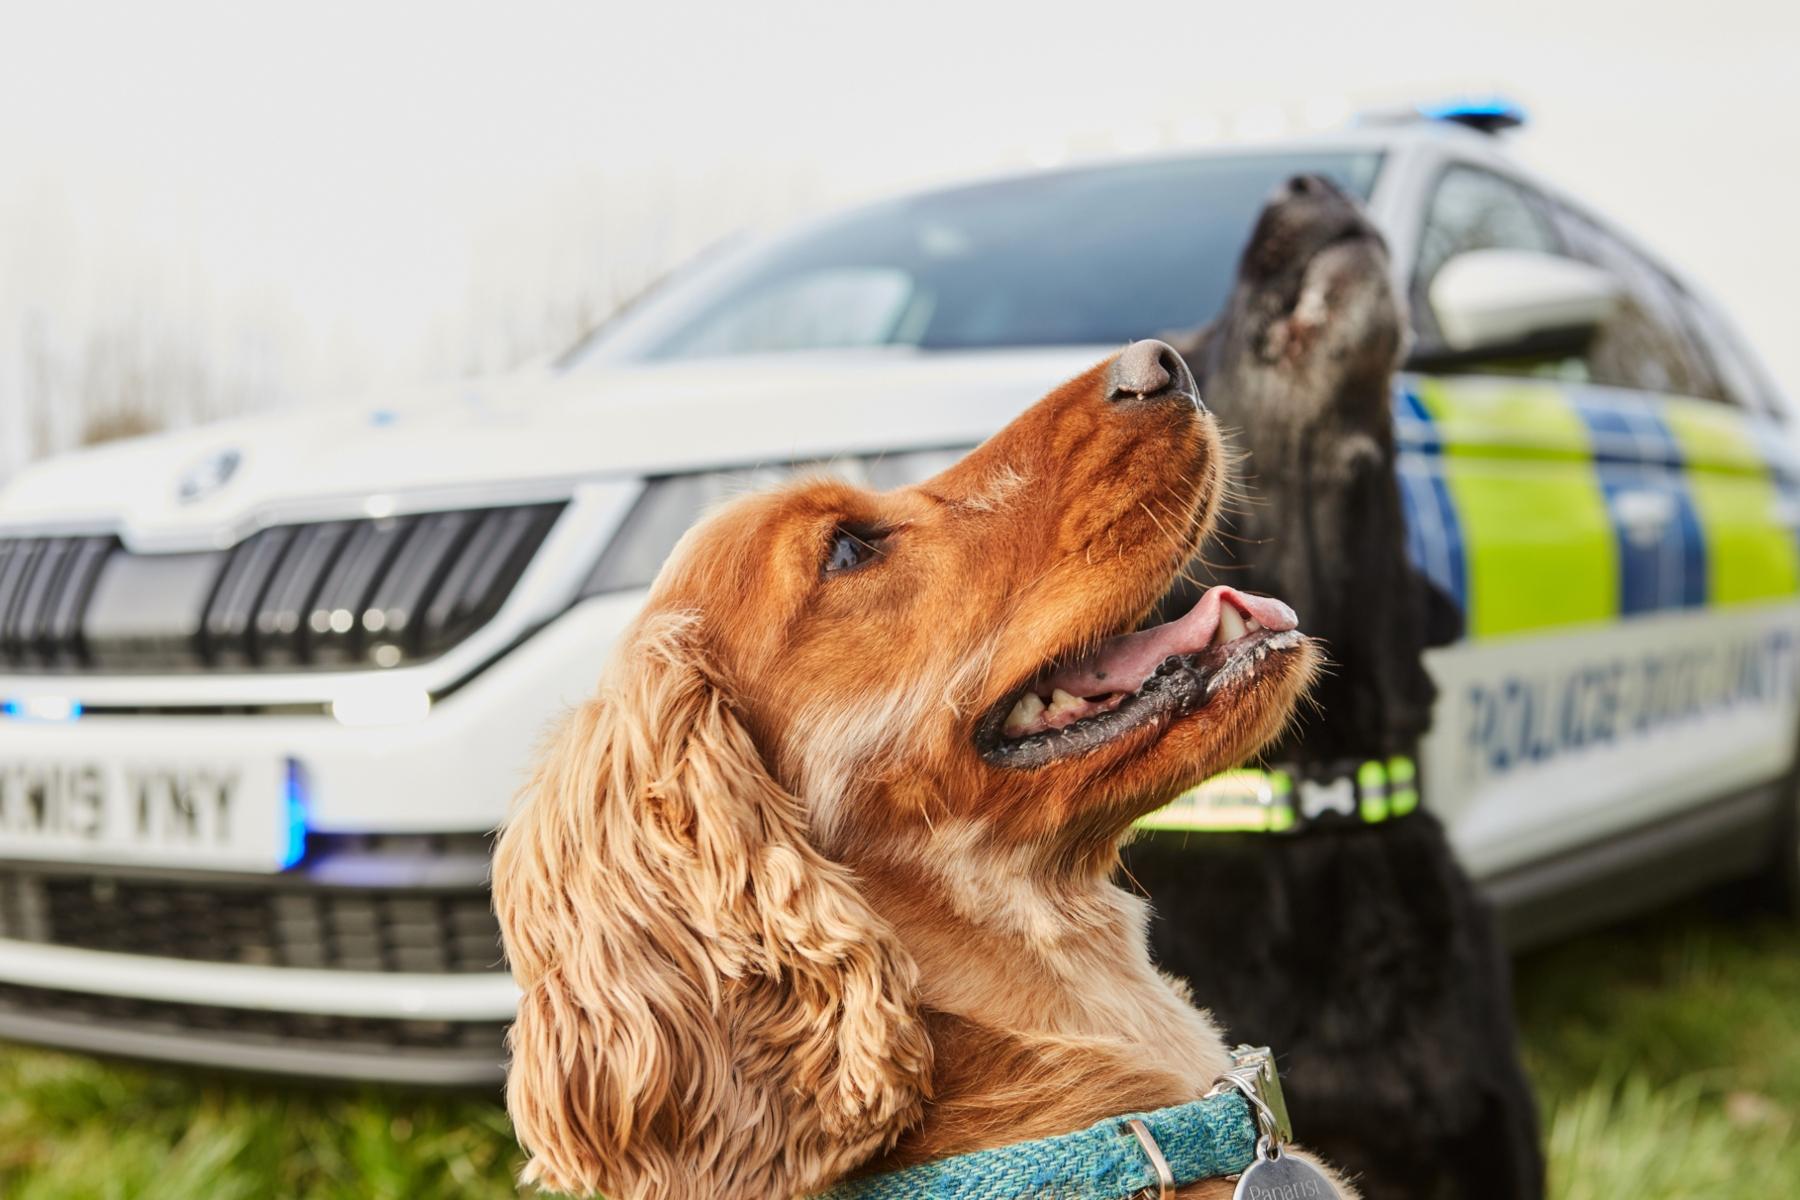 Skoda Kodiaq police dog unit